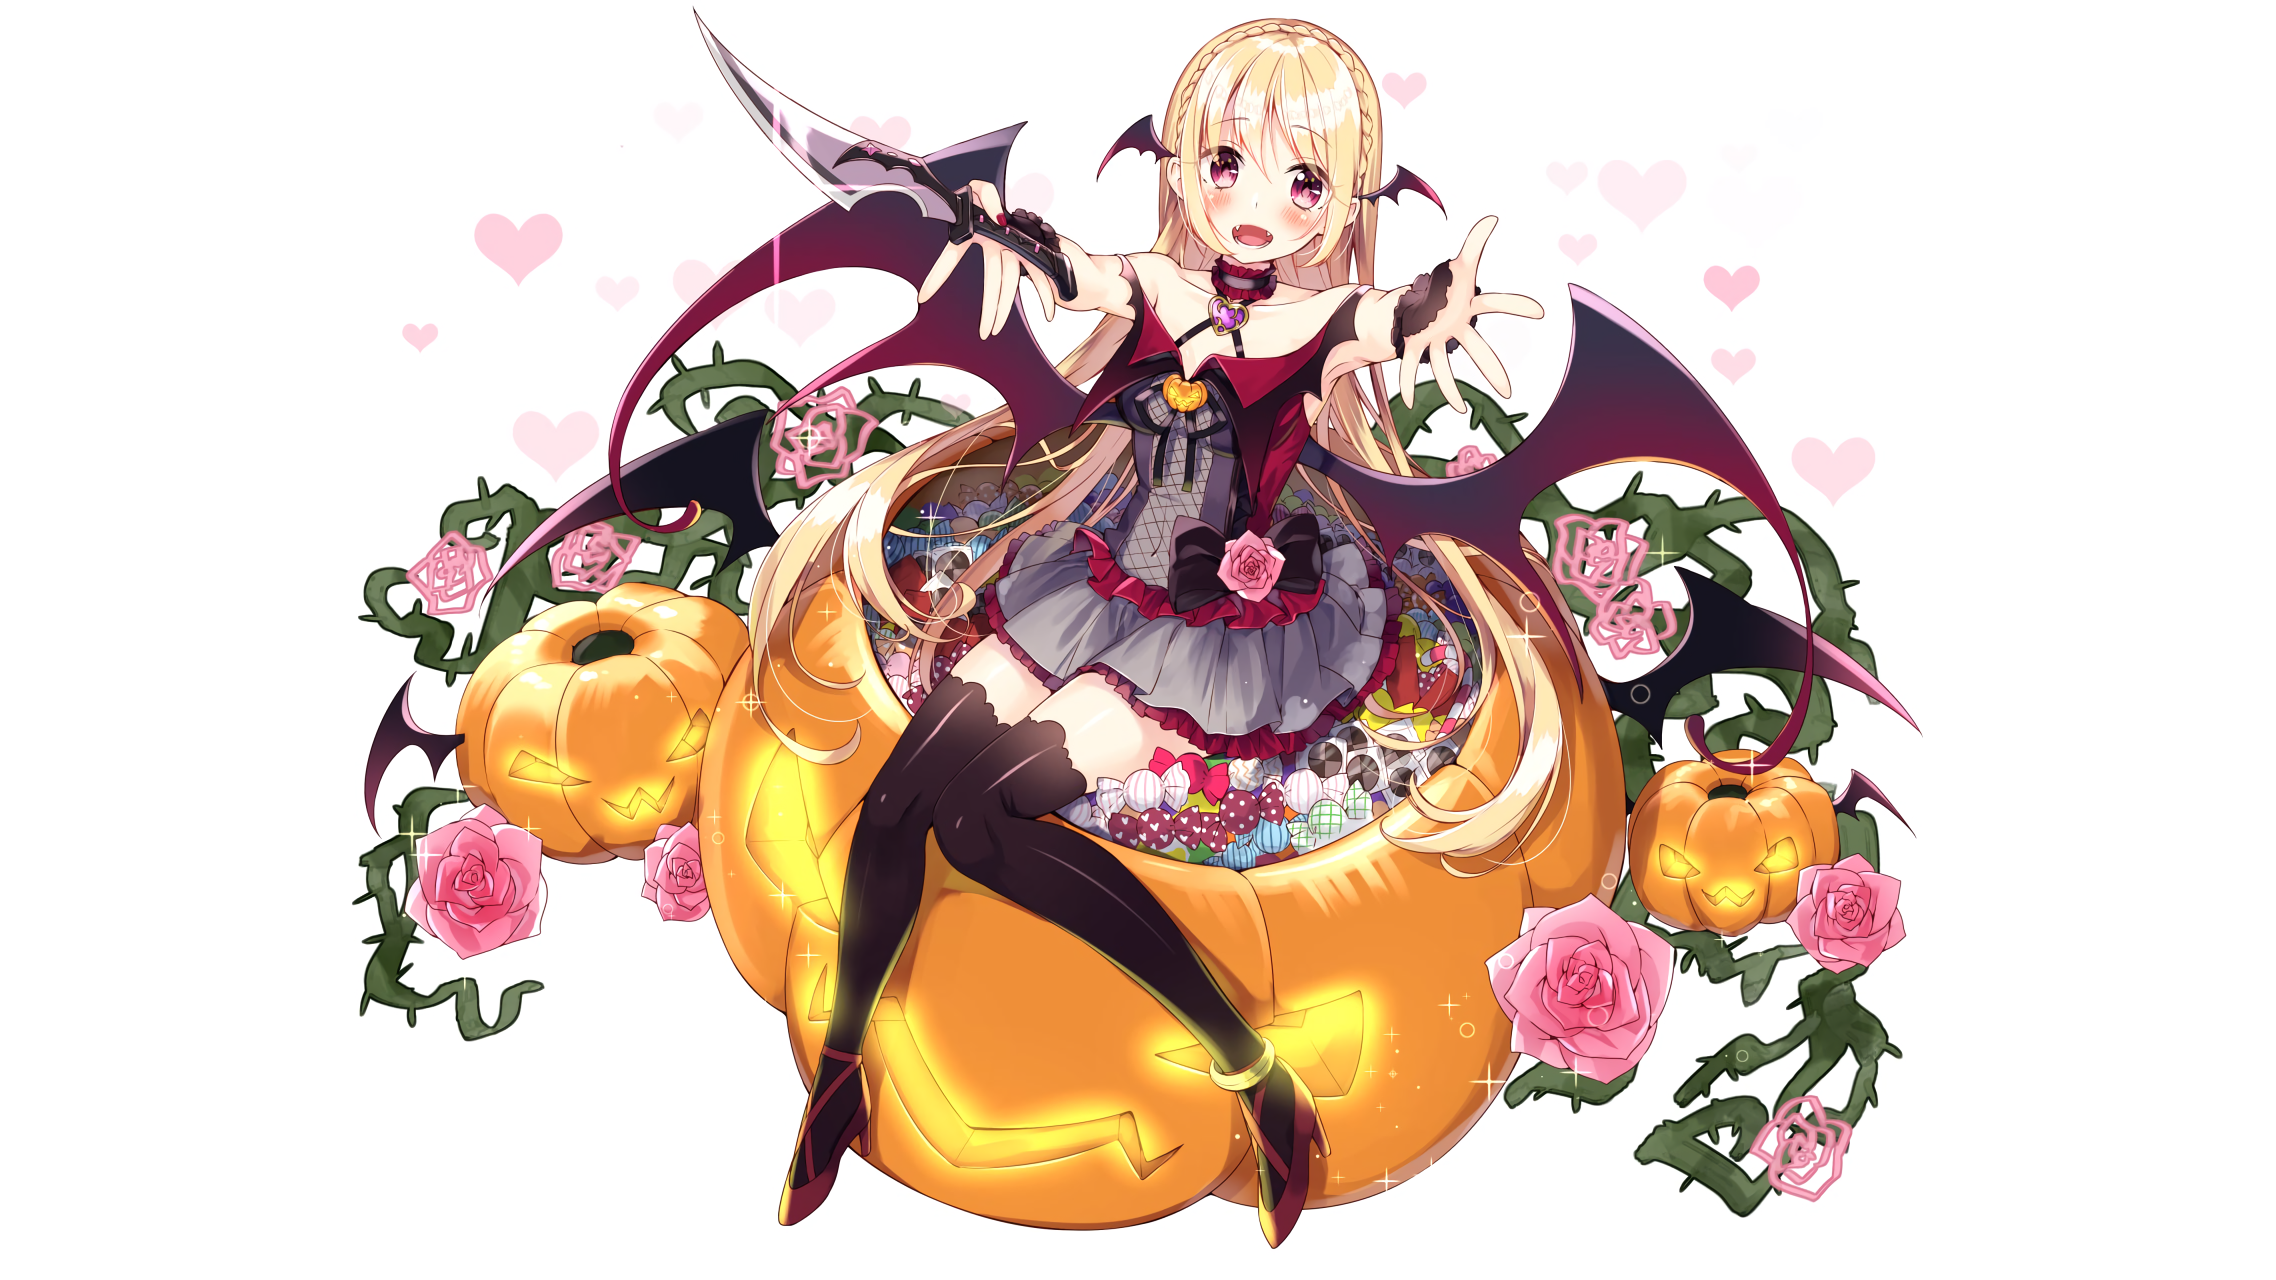 Blonde hair blush candy dress fang flowers halloween heart knife long